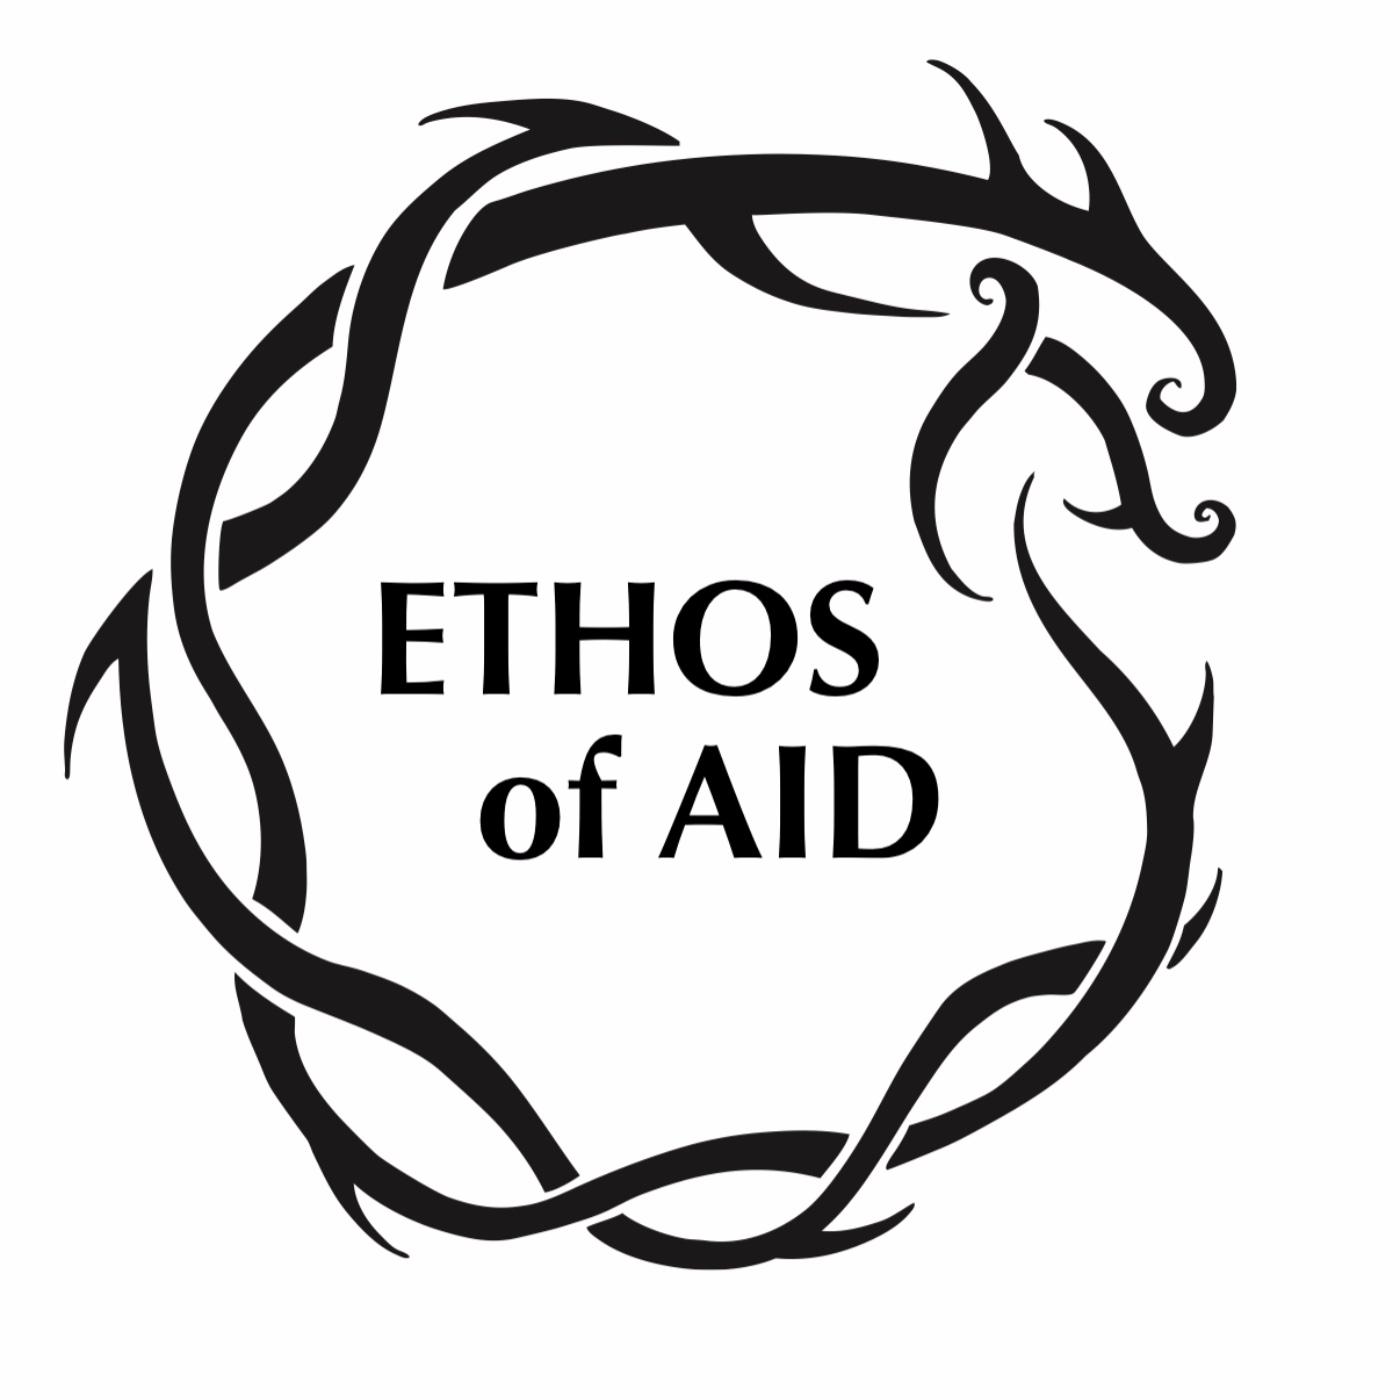 Ethos of Aid